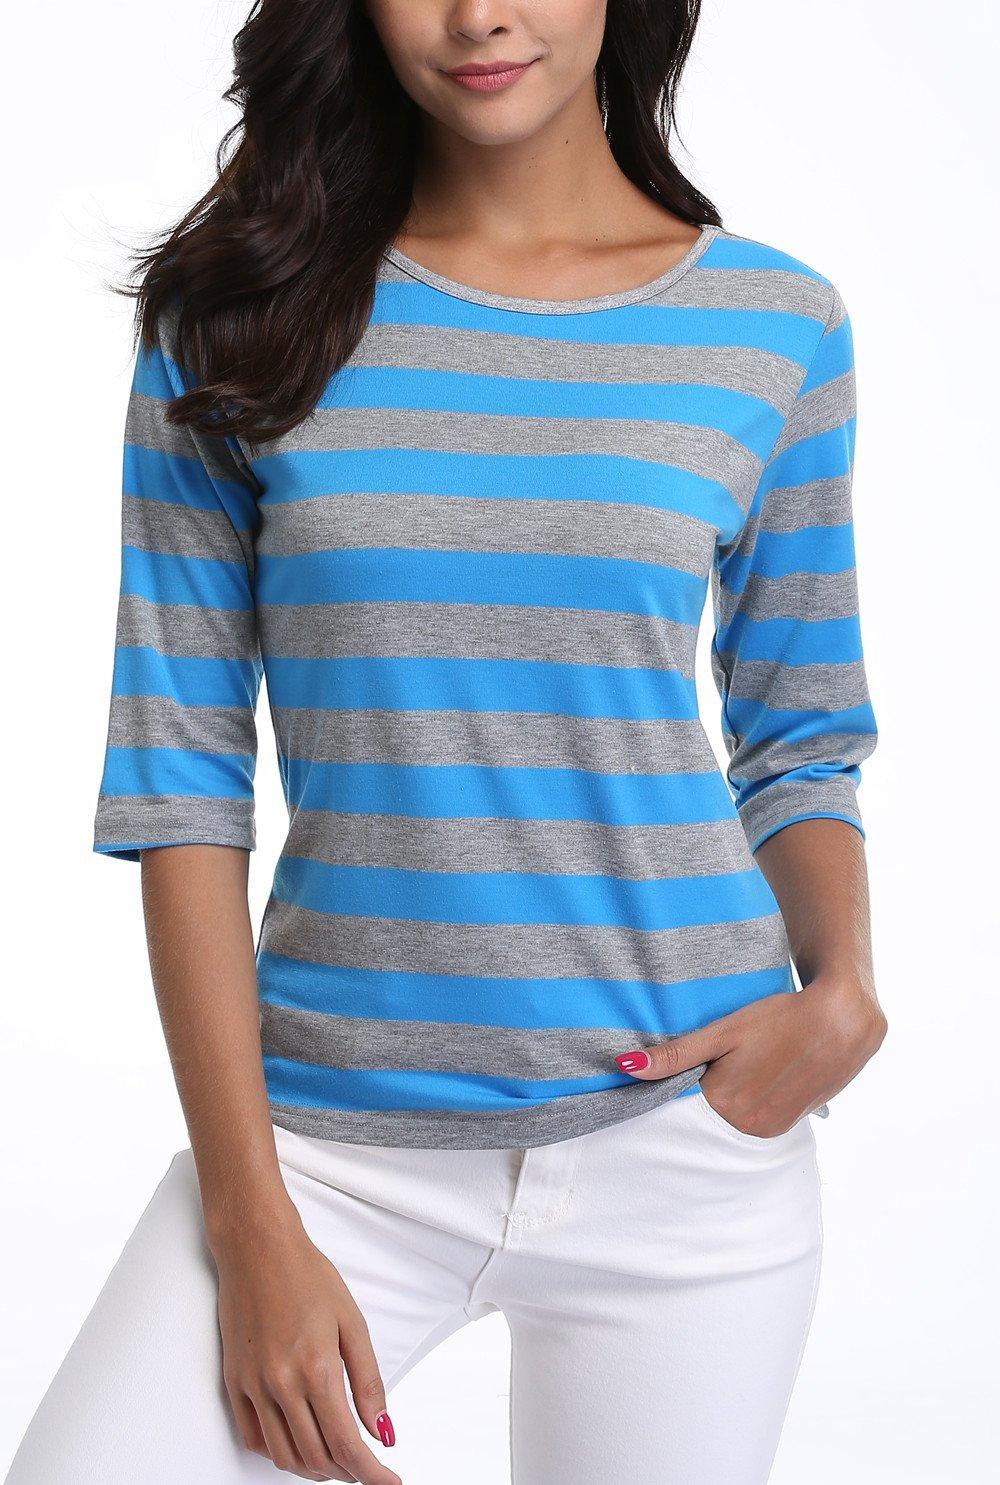 MISS MOLY SHIRT レディース B0756ST43J M|Sky Blue Mediun Stripe Sky Blue Mediun Stripe M